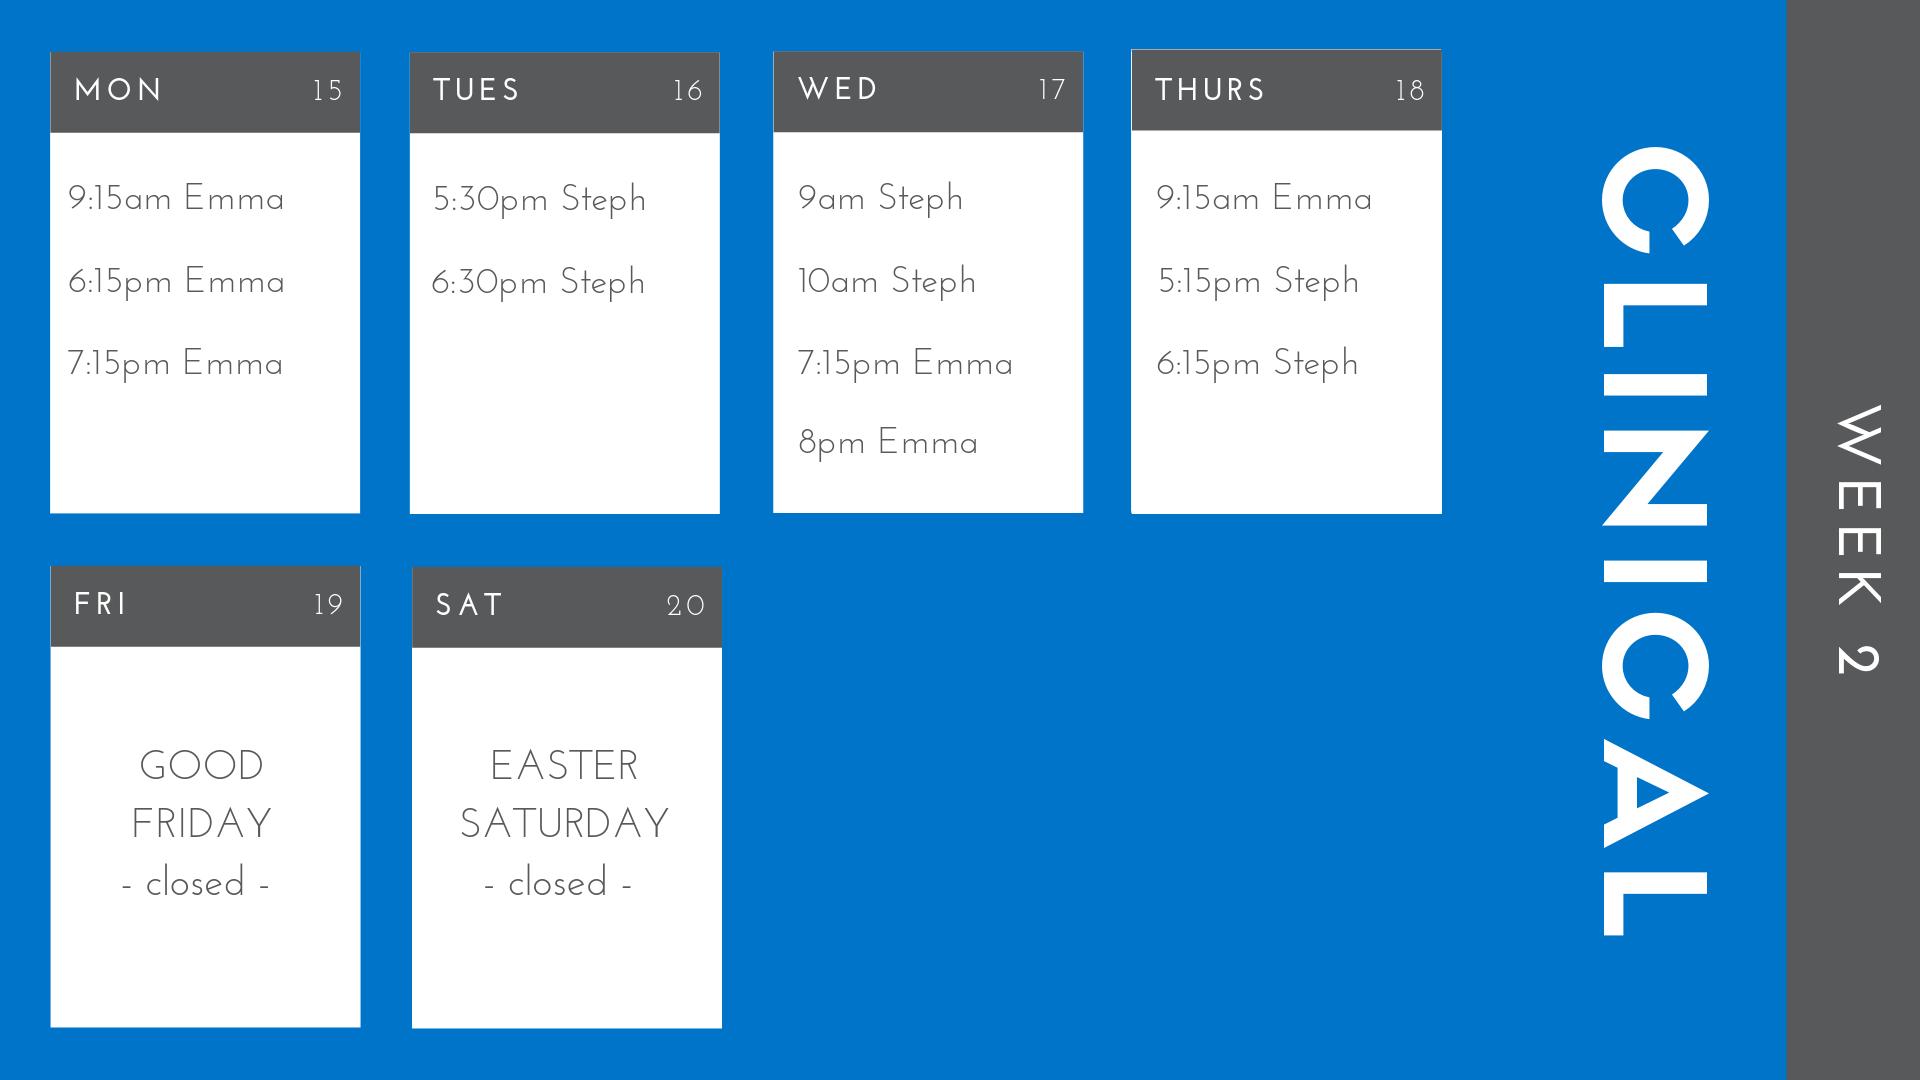 Week Two - April 15th - April 21st